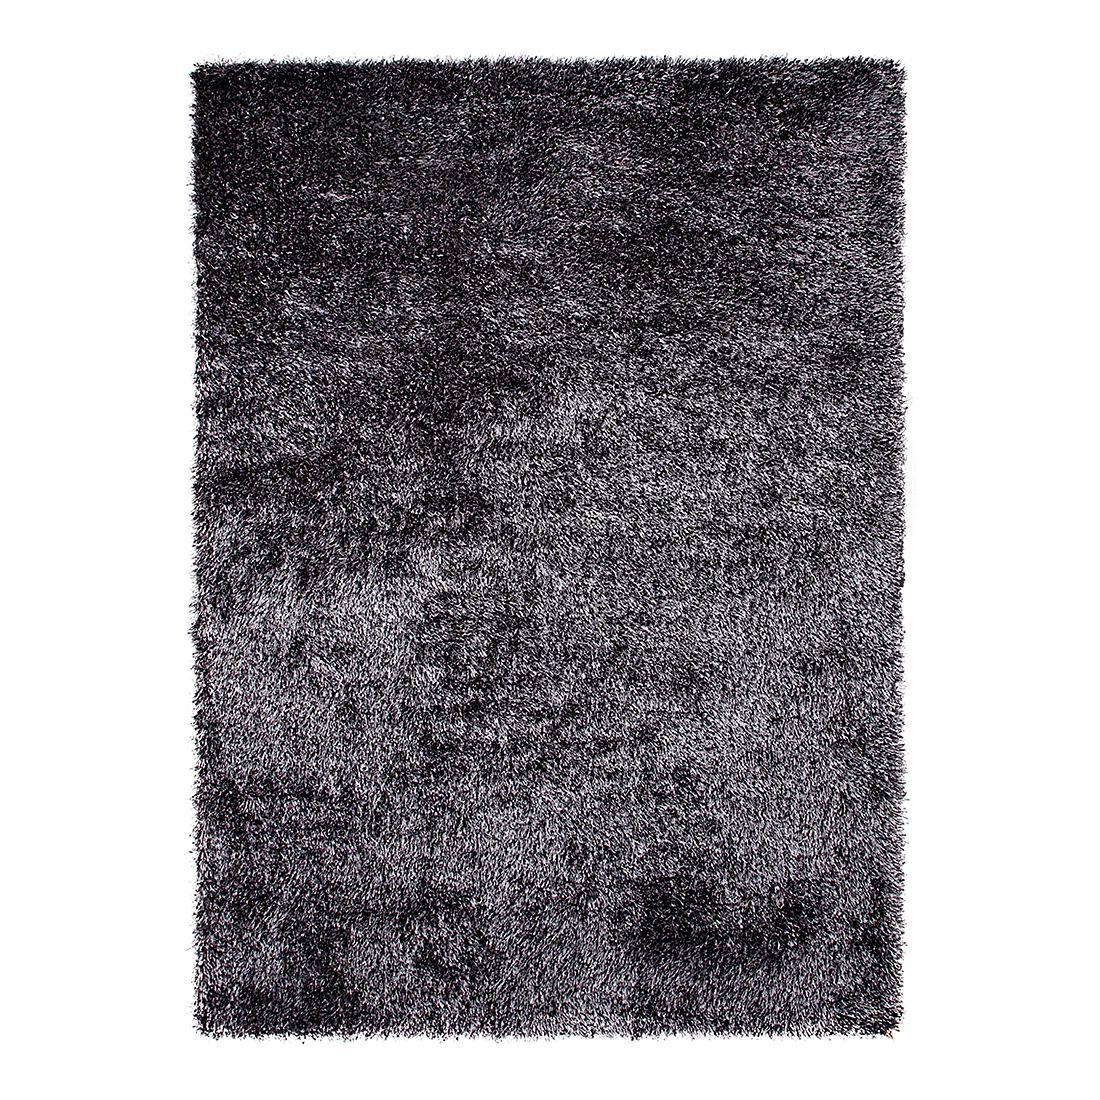 teppich new glamour anthrazit 170 x 240 cm esprit home moebel. Black Bedroom Furniture Sets. Home Design Ideas